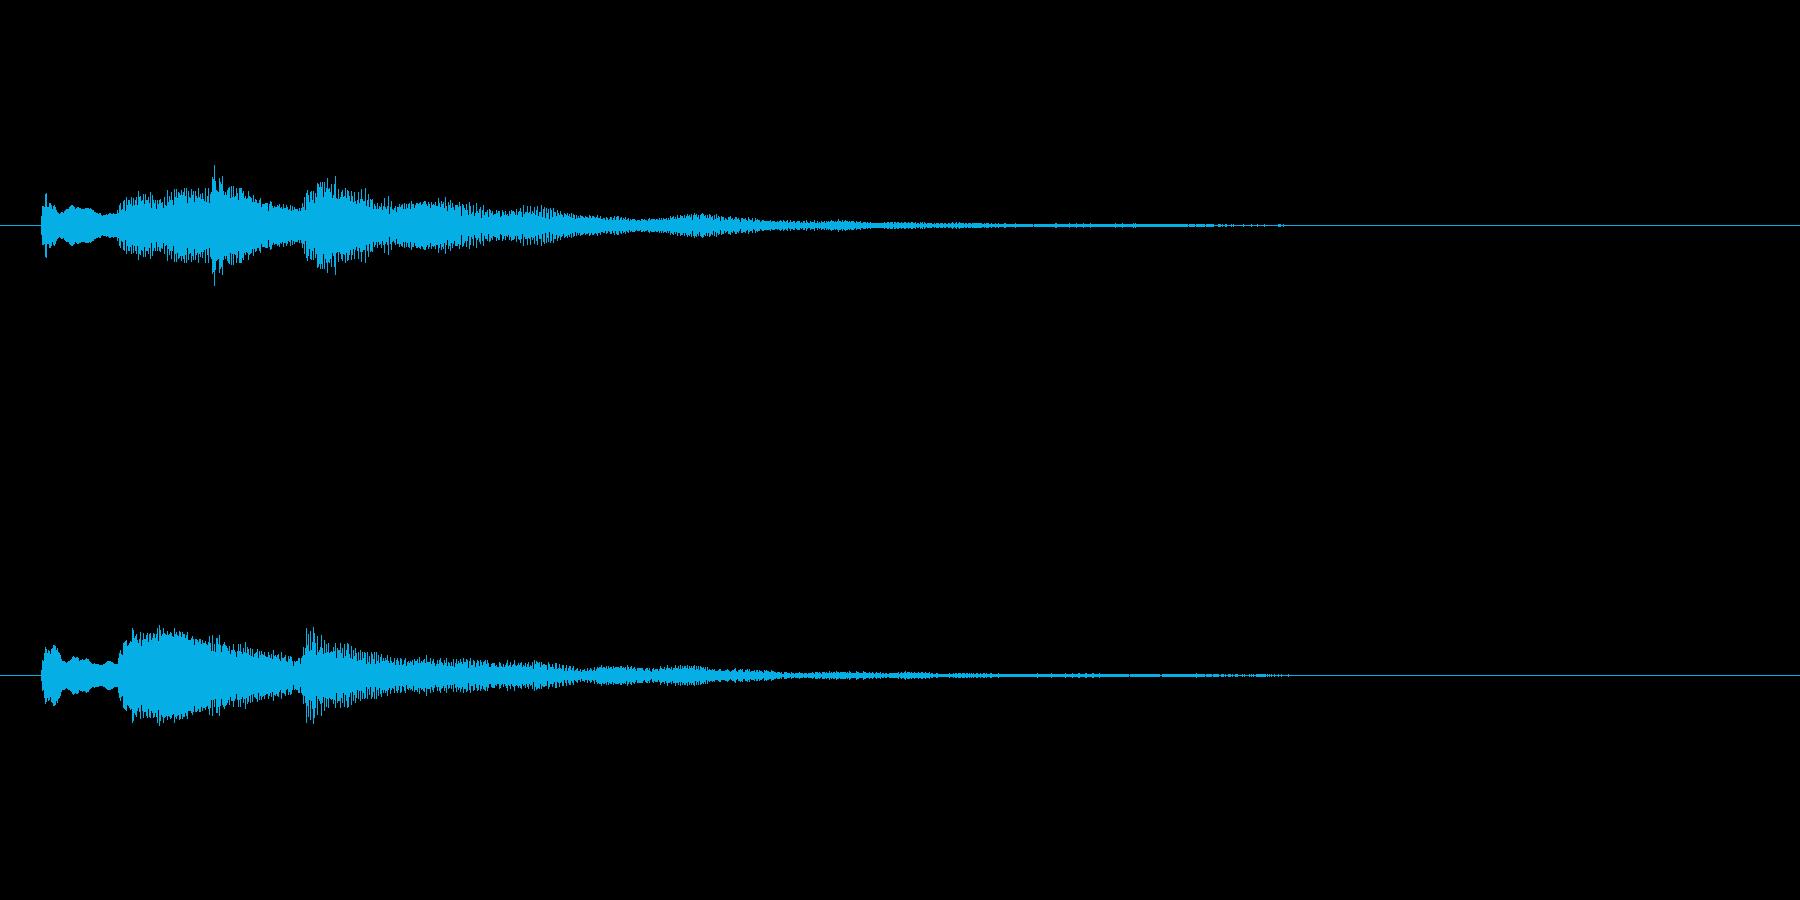 テロテローン テロップ・決定音の再生済みの波形